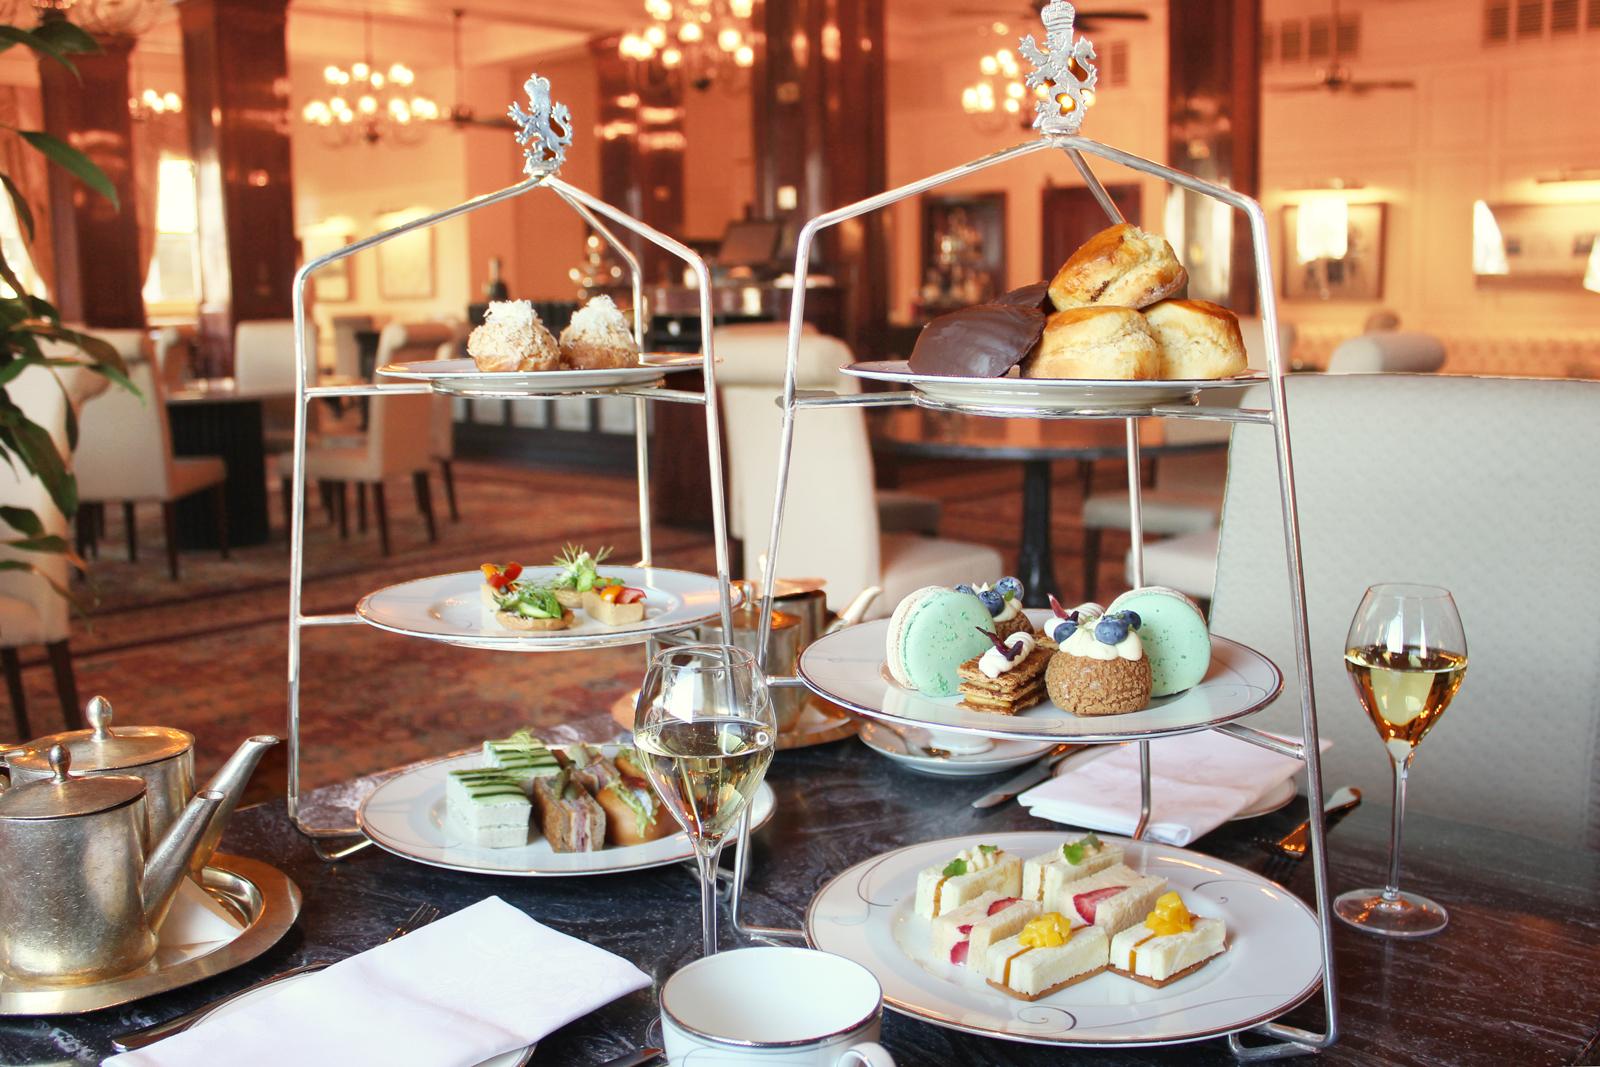 Deserts at The Hotel Windsor Melbourne